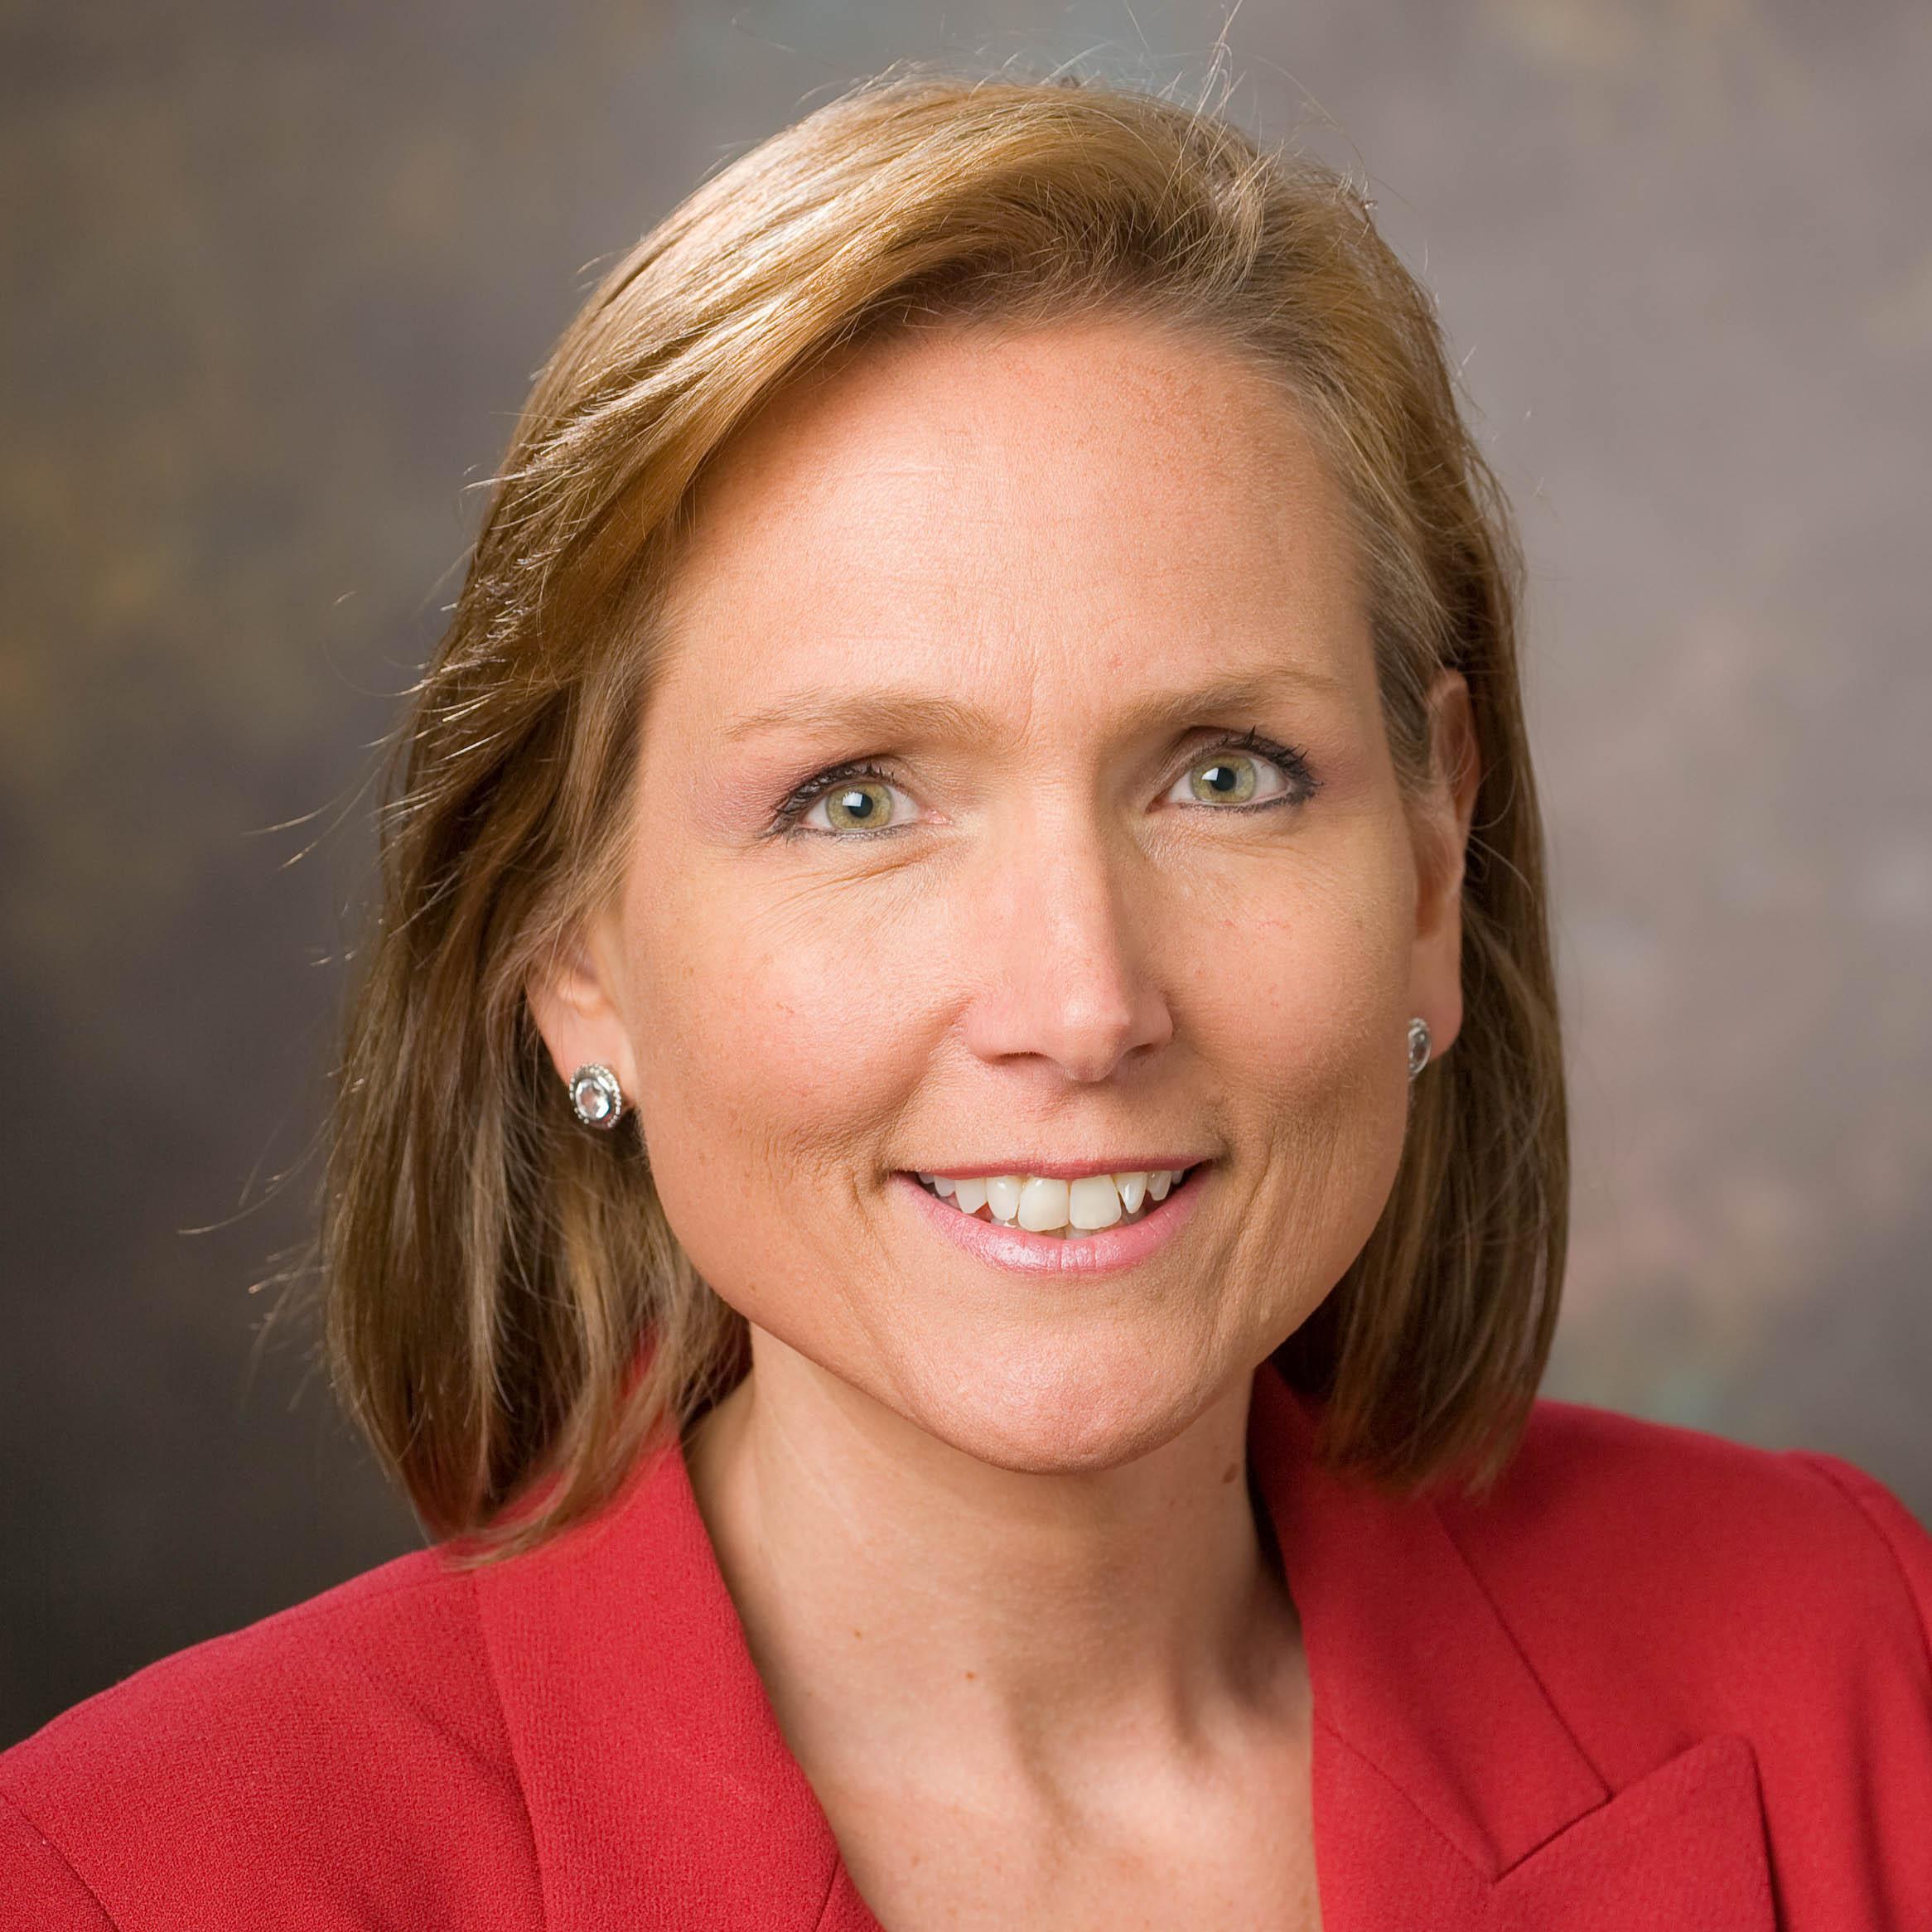 Karen Santucci